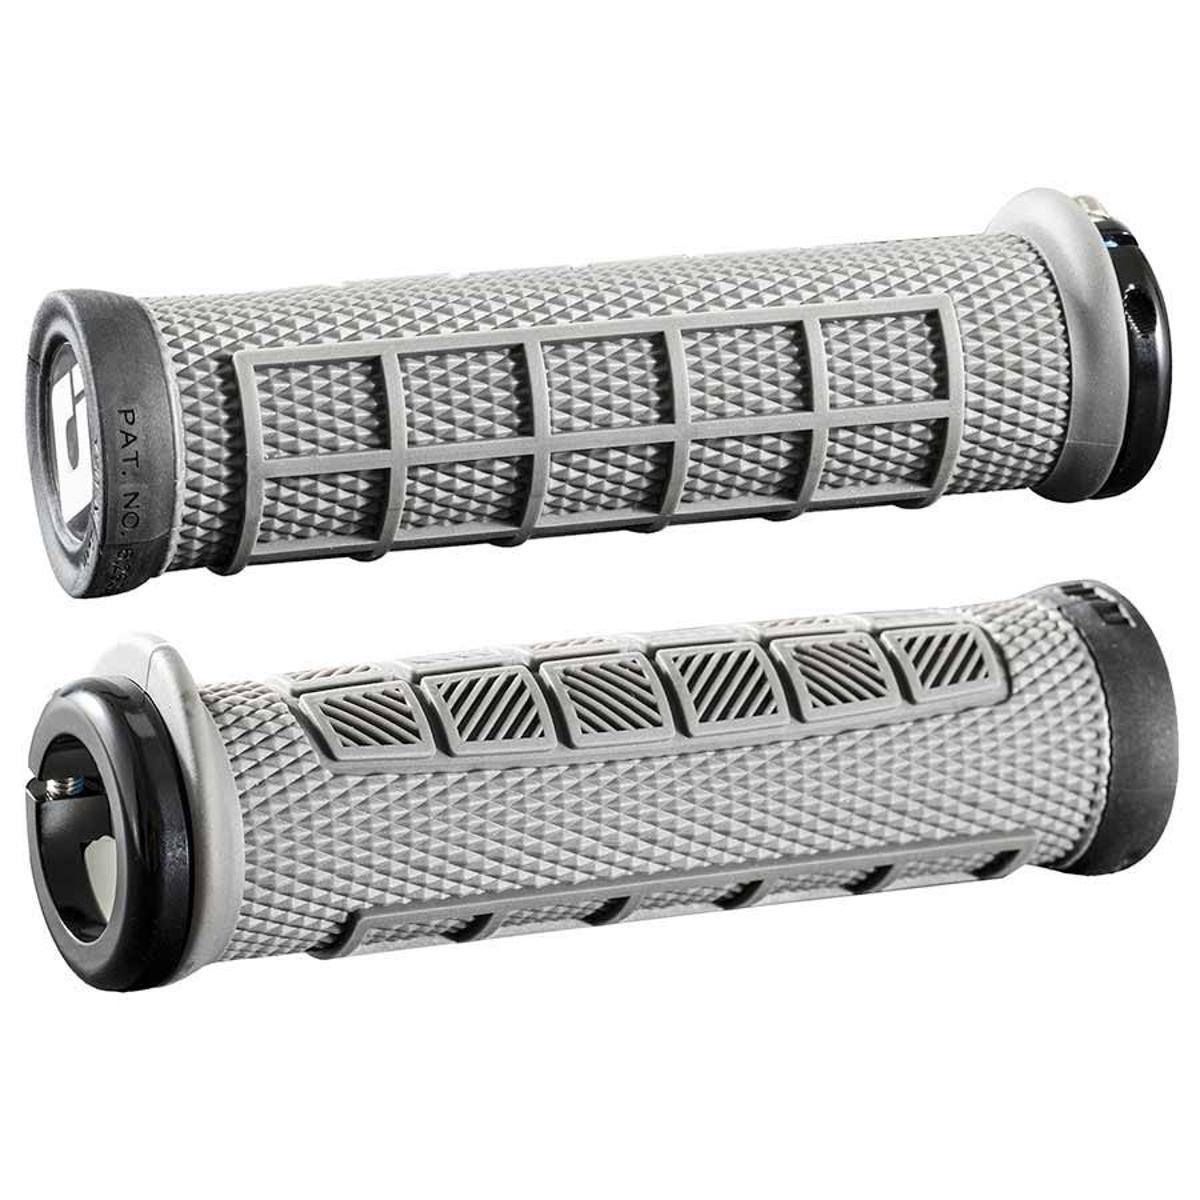 ODI Grips Elite Pro Lock-on 130 mm